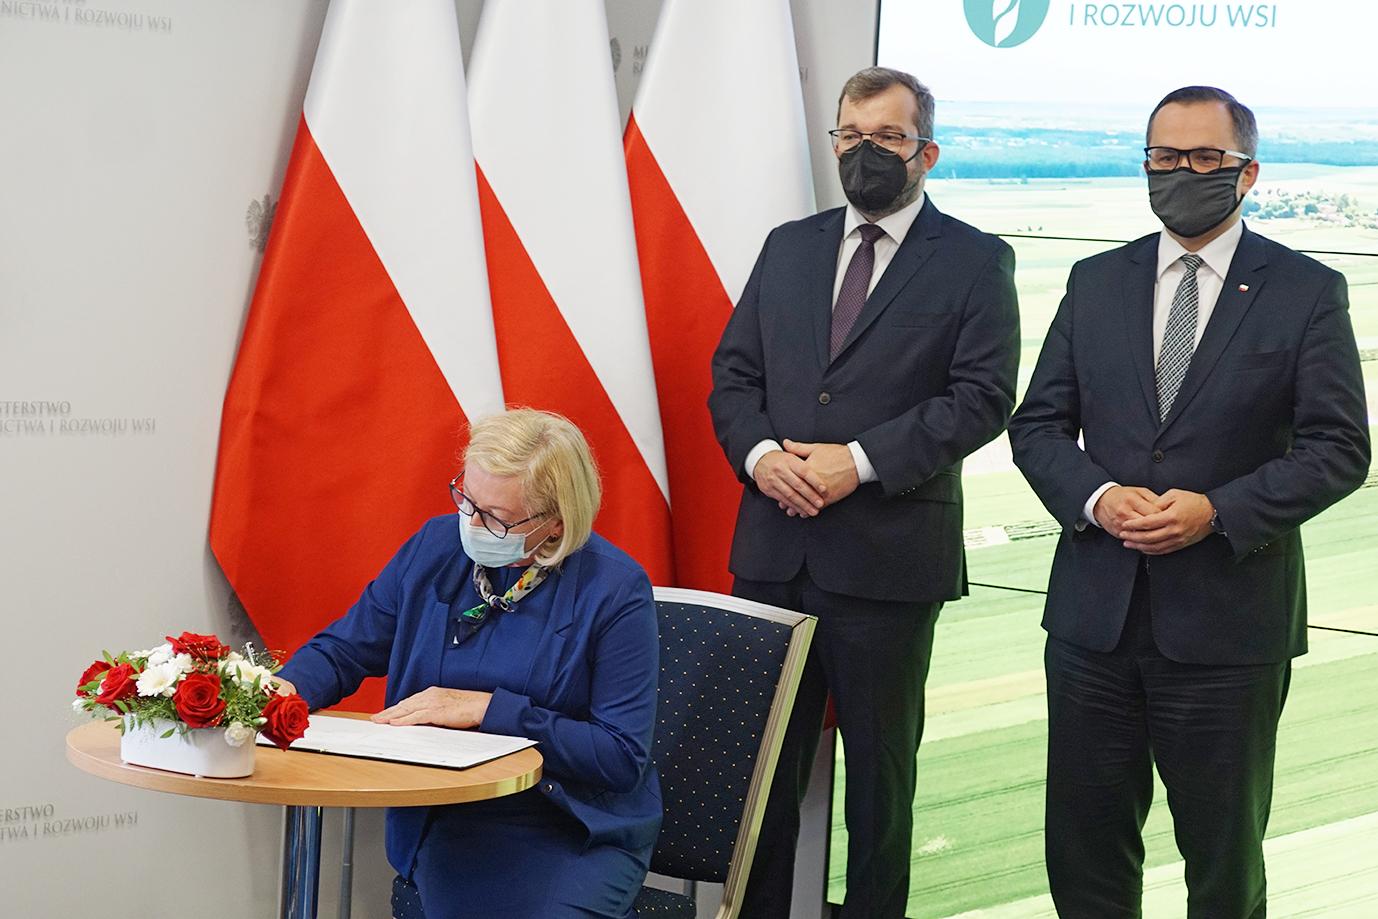 Dyrektor Generalna KOWR Małgorzata Gośniowska-Kola podczas składania podpisu (fot. MRiRW)